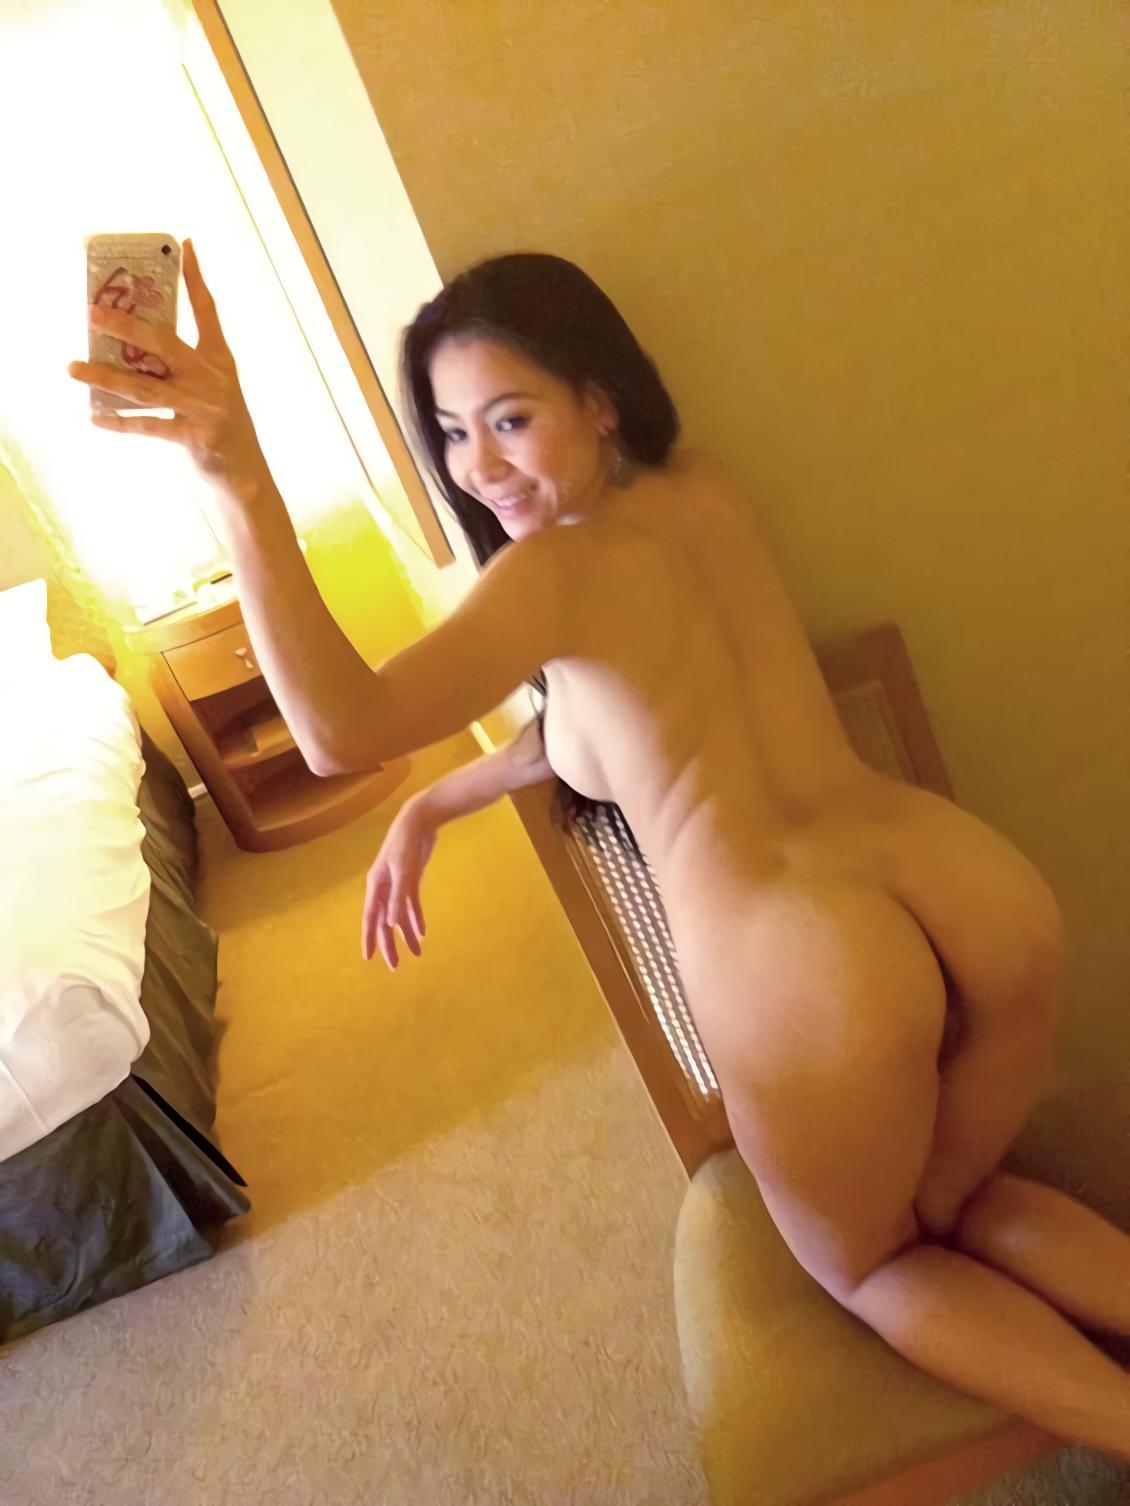 foto porno cewek asia selfie di kamar hotel pamer tubuh seksi toket cilik dan memek pink jembut botaknya